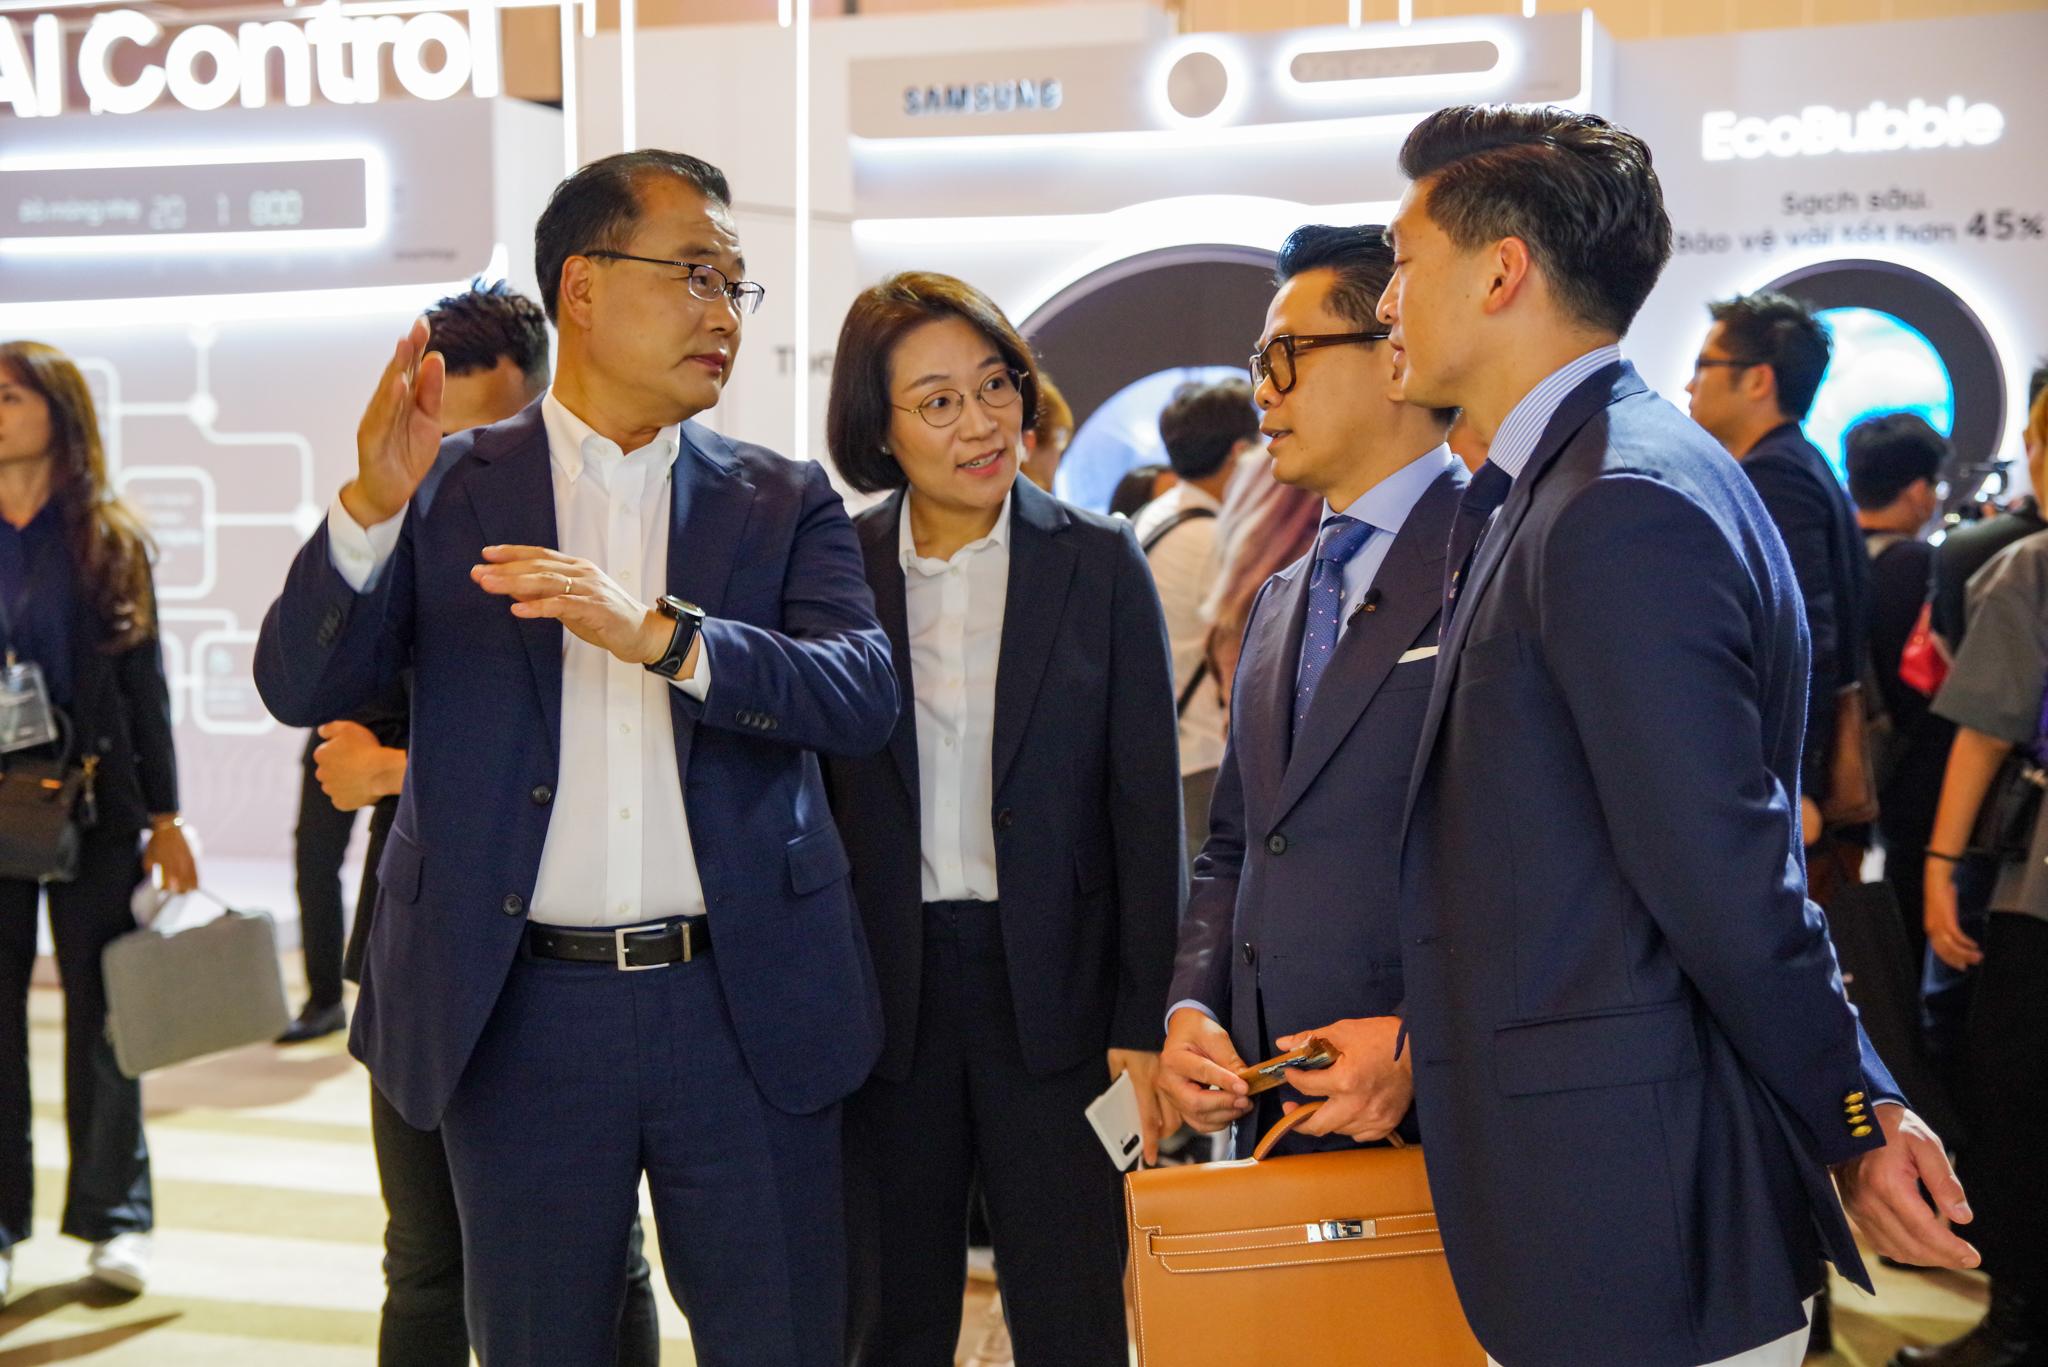 Tổ chức sự kiện hoành tráng dành riêng cho đồ gia dụng, Samsung muốn chứng tỏ điều gì? - Ảnh 3.